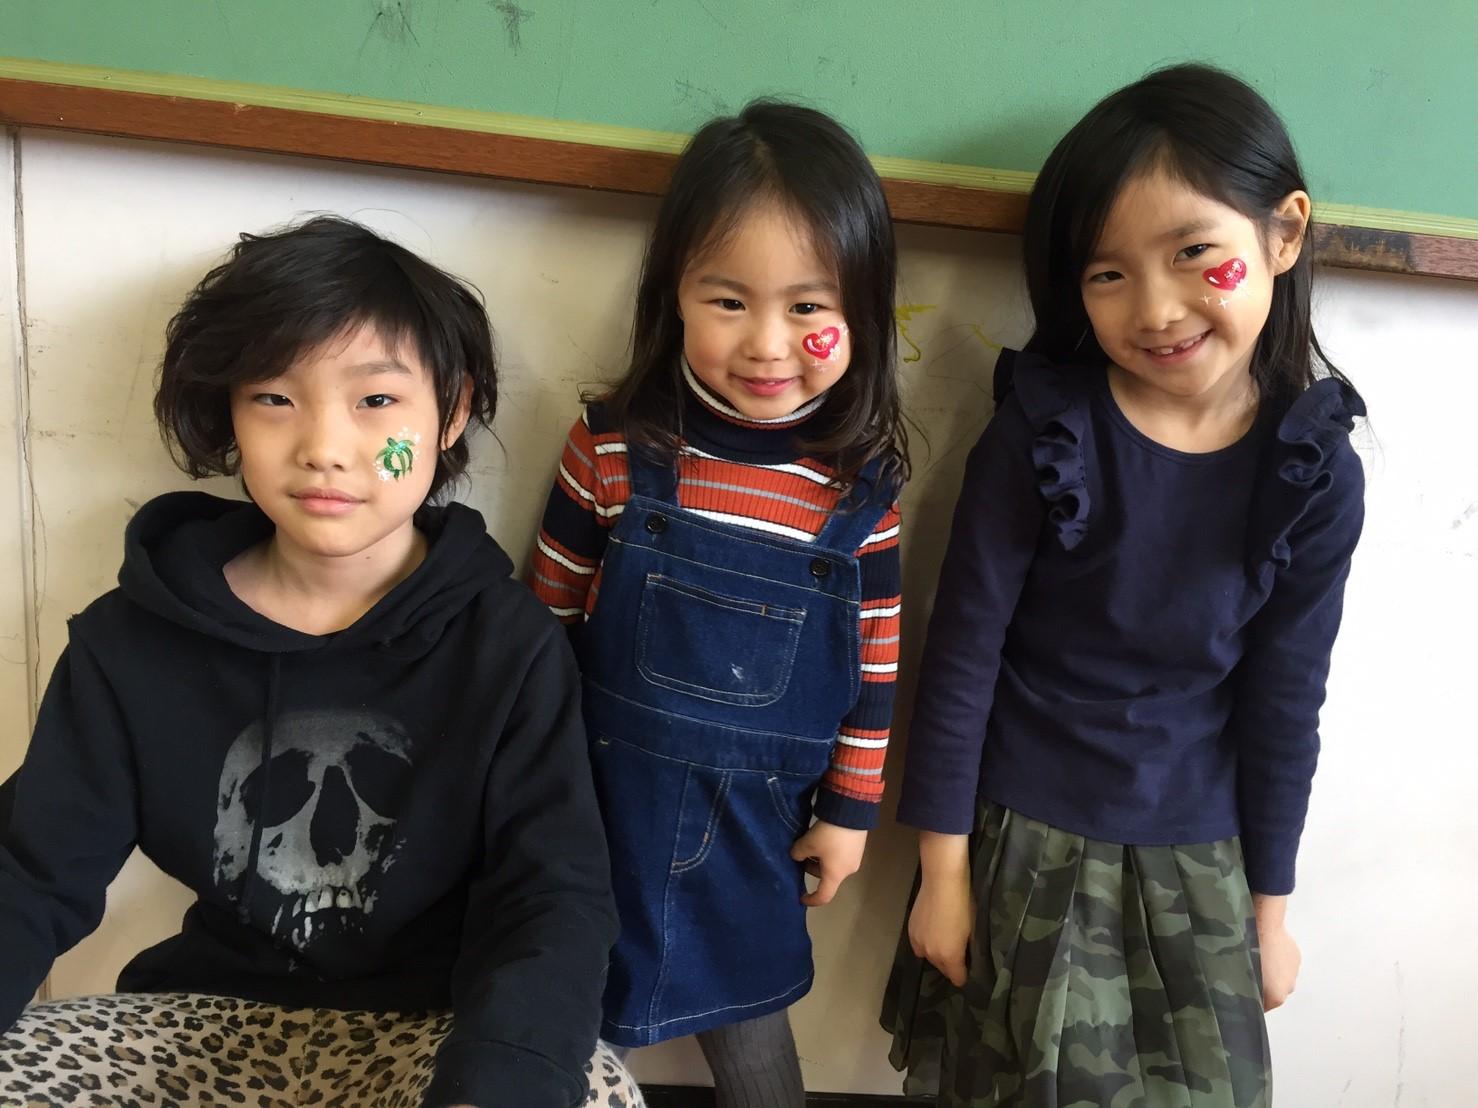 わくわく子どもフェイスタ / 奈良市役所 横井児童館